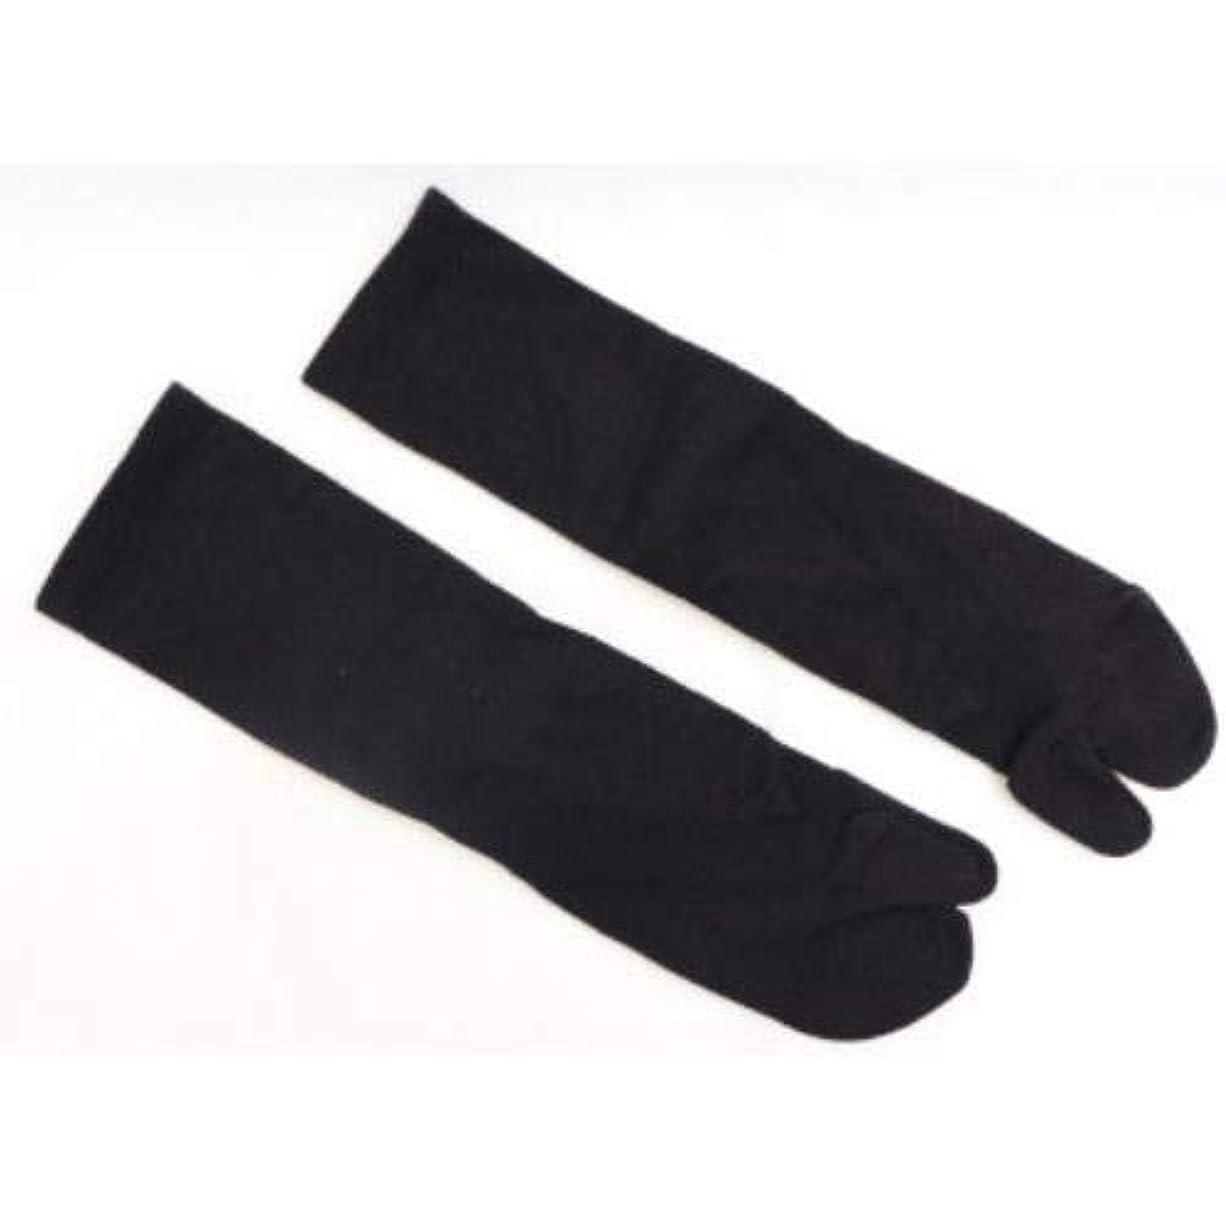 取り除くタヒチ調べるさとう式 フレクサーソックス クルー 黒 (M) 足袋型